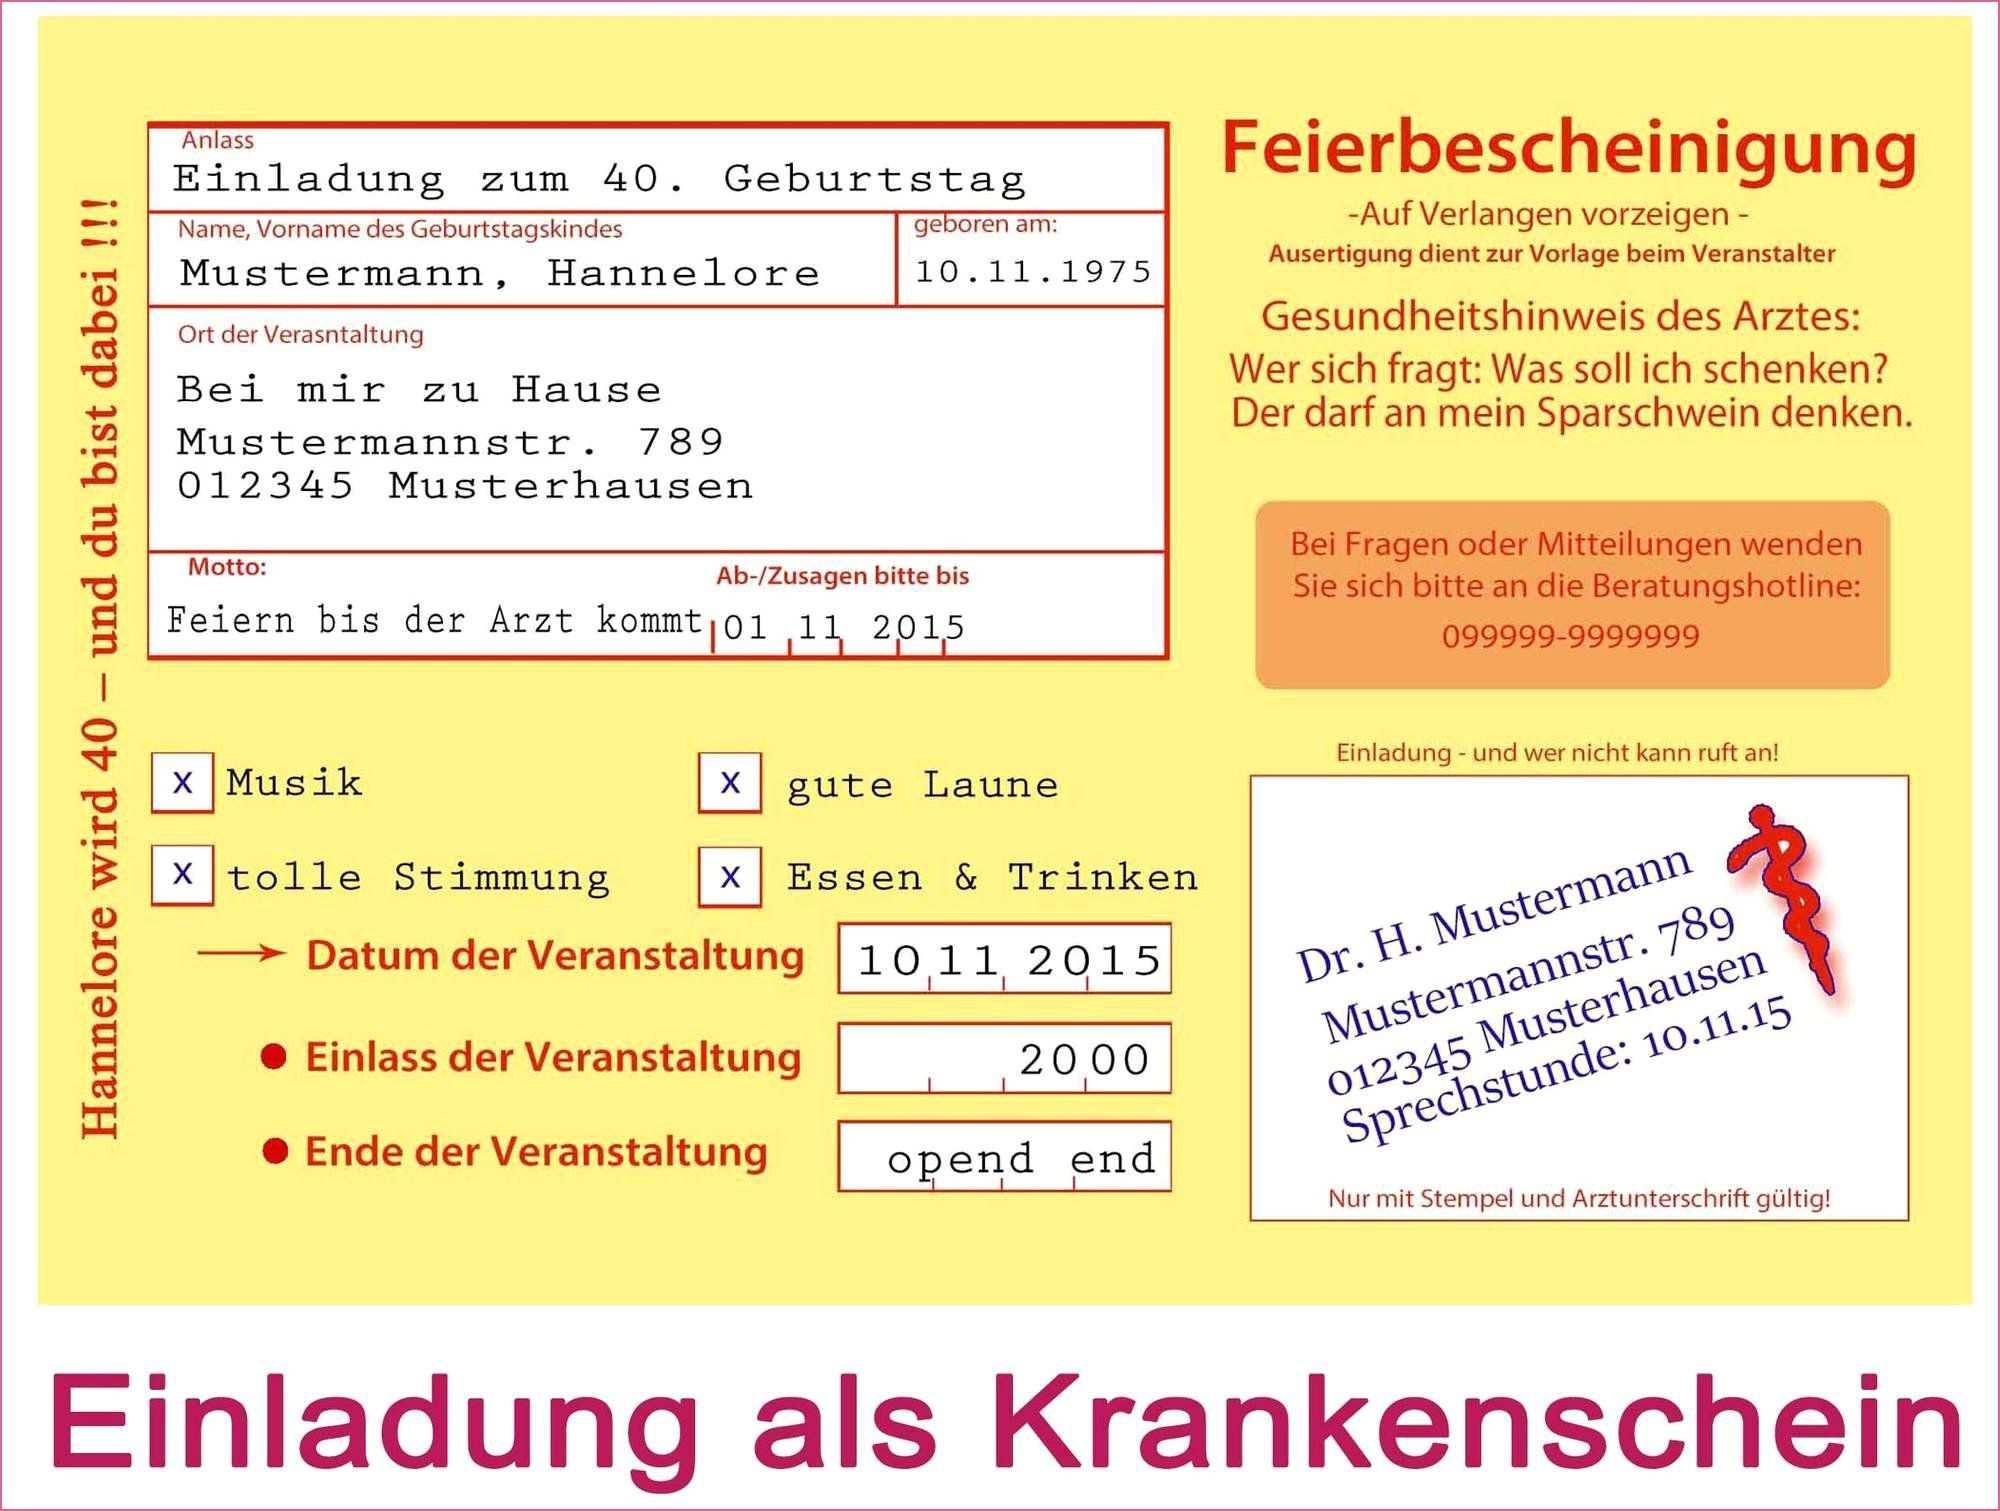 Genial Spruche Und Bilder Lustig In 2020 Geburtstag Einladung Vorlage Einladungen Geburtstag Kostenlos Einladung Geburtstag